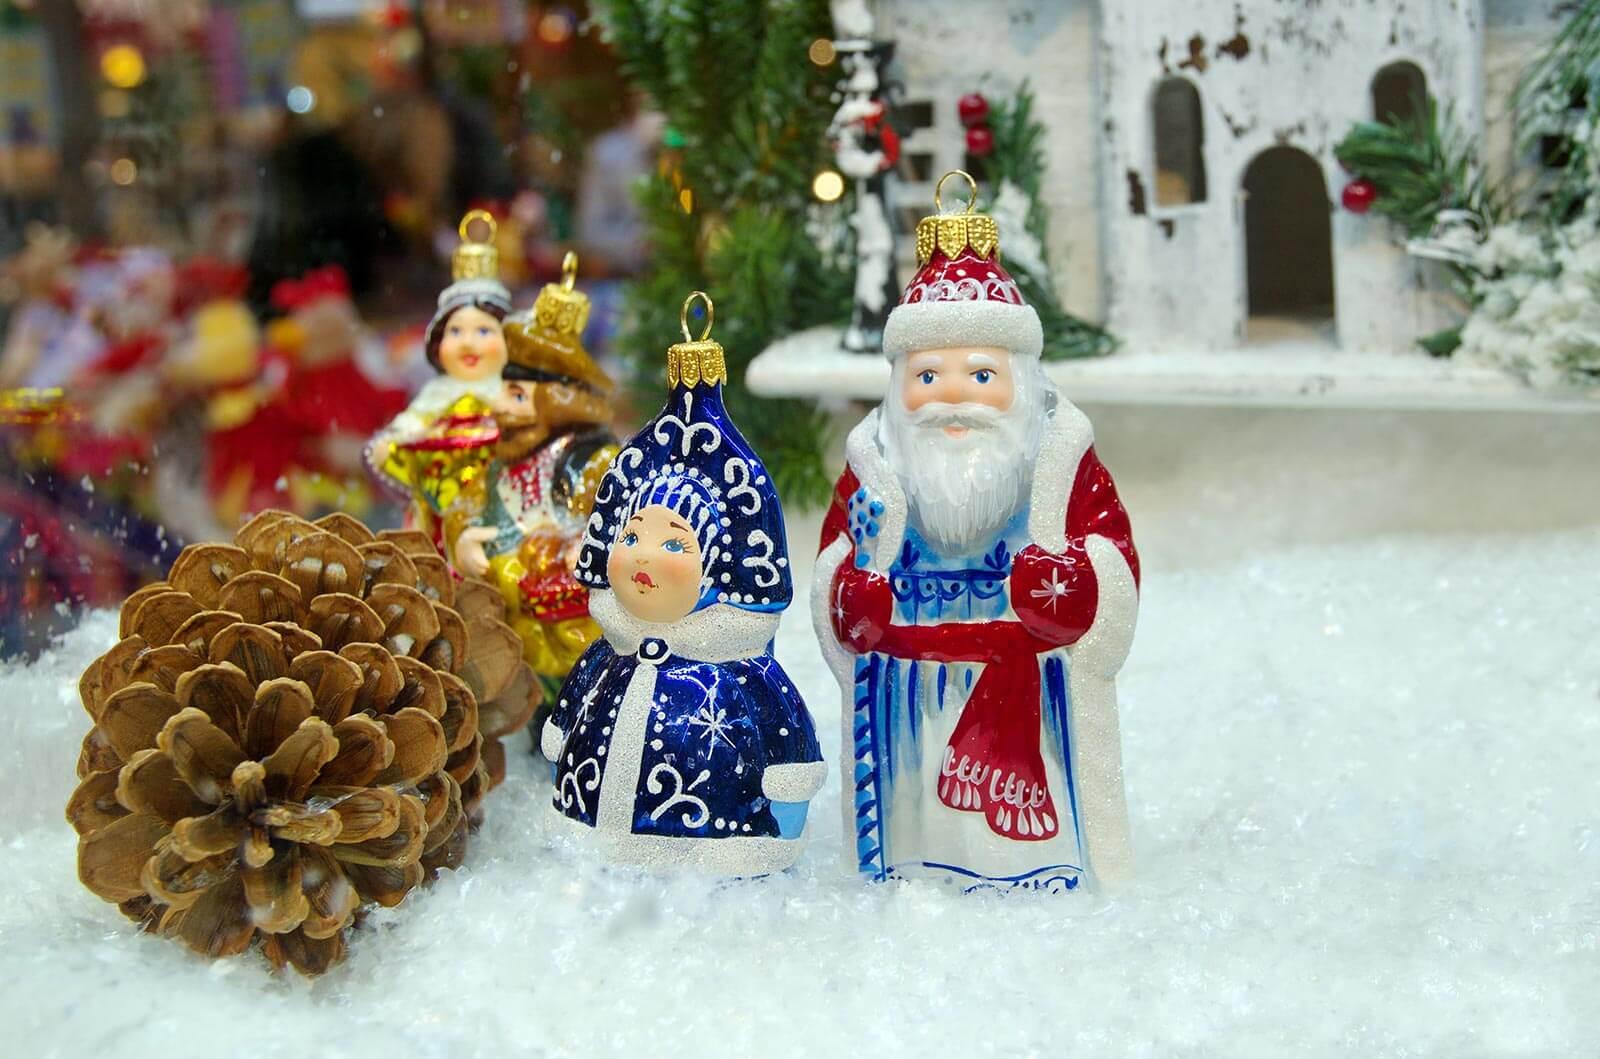 weihnachtsbr uche so feiert man weihnachten in anderen l ndern styles stories. Black Bedroom Furniture Sets. Home Design Ideas